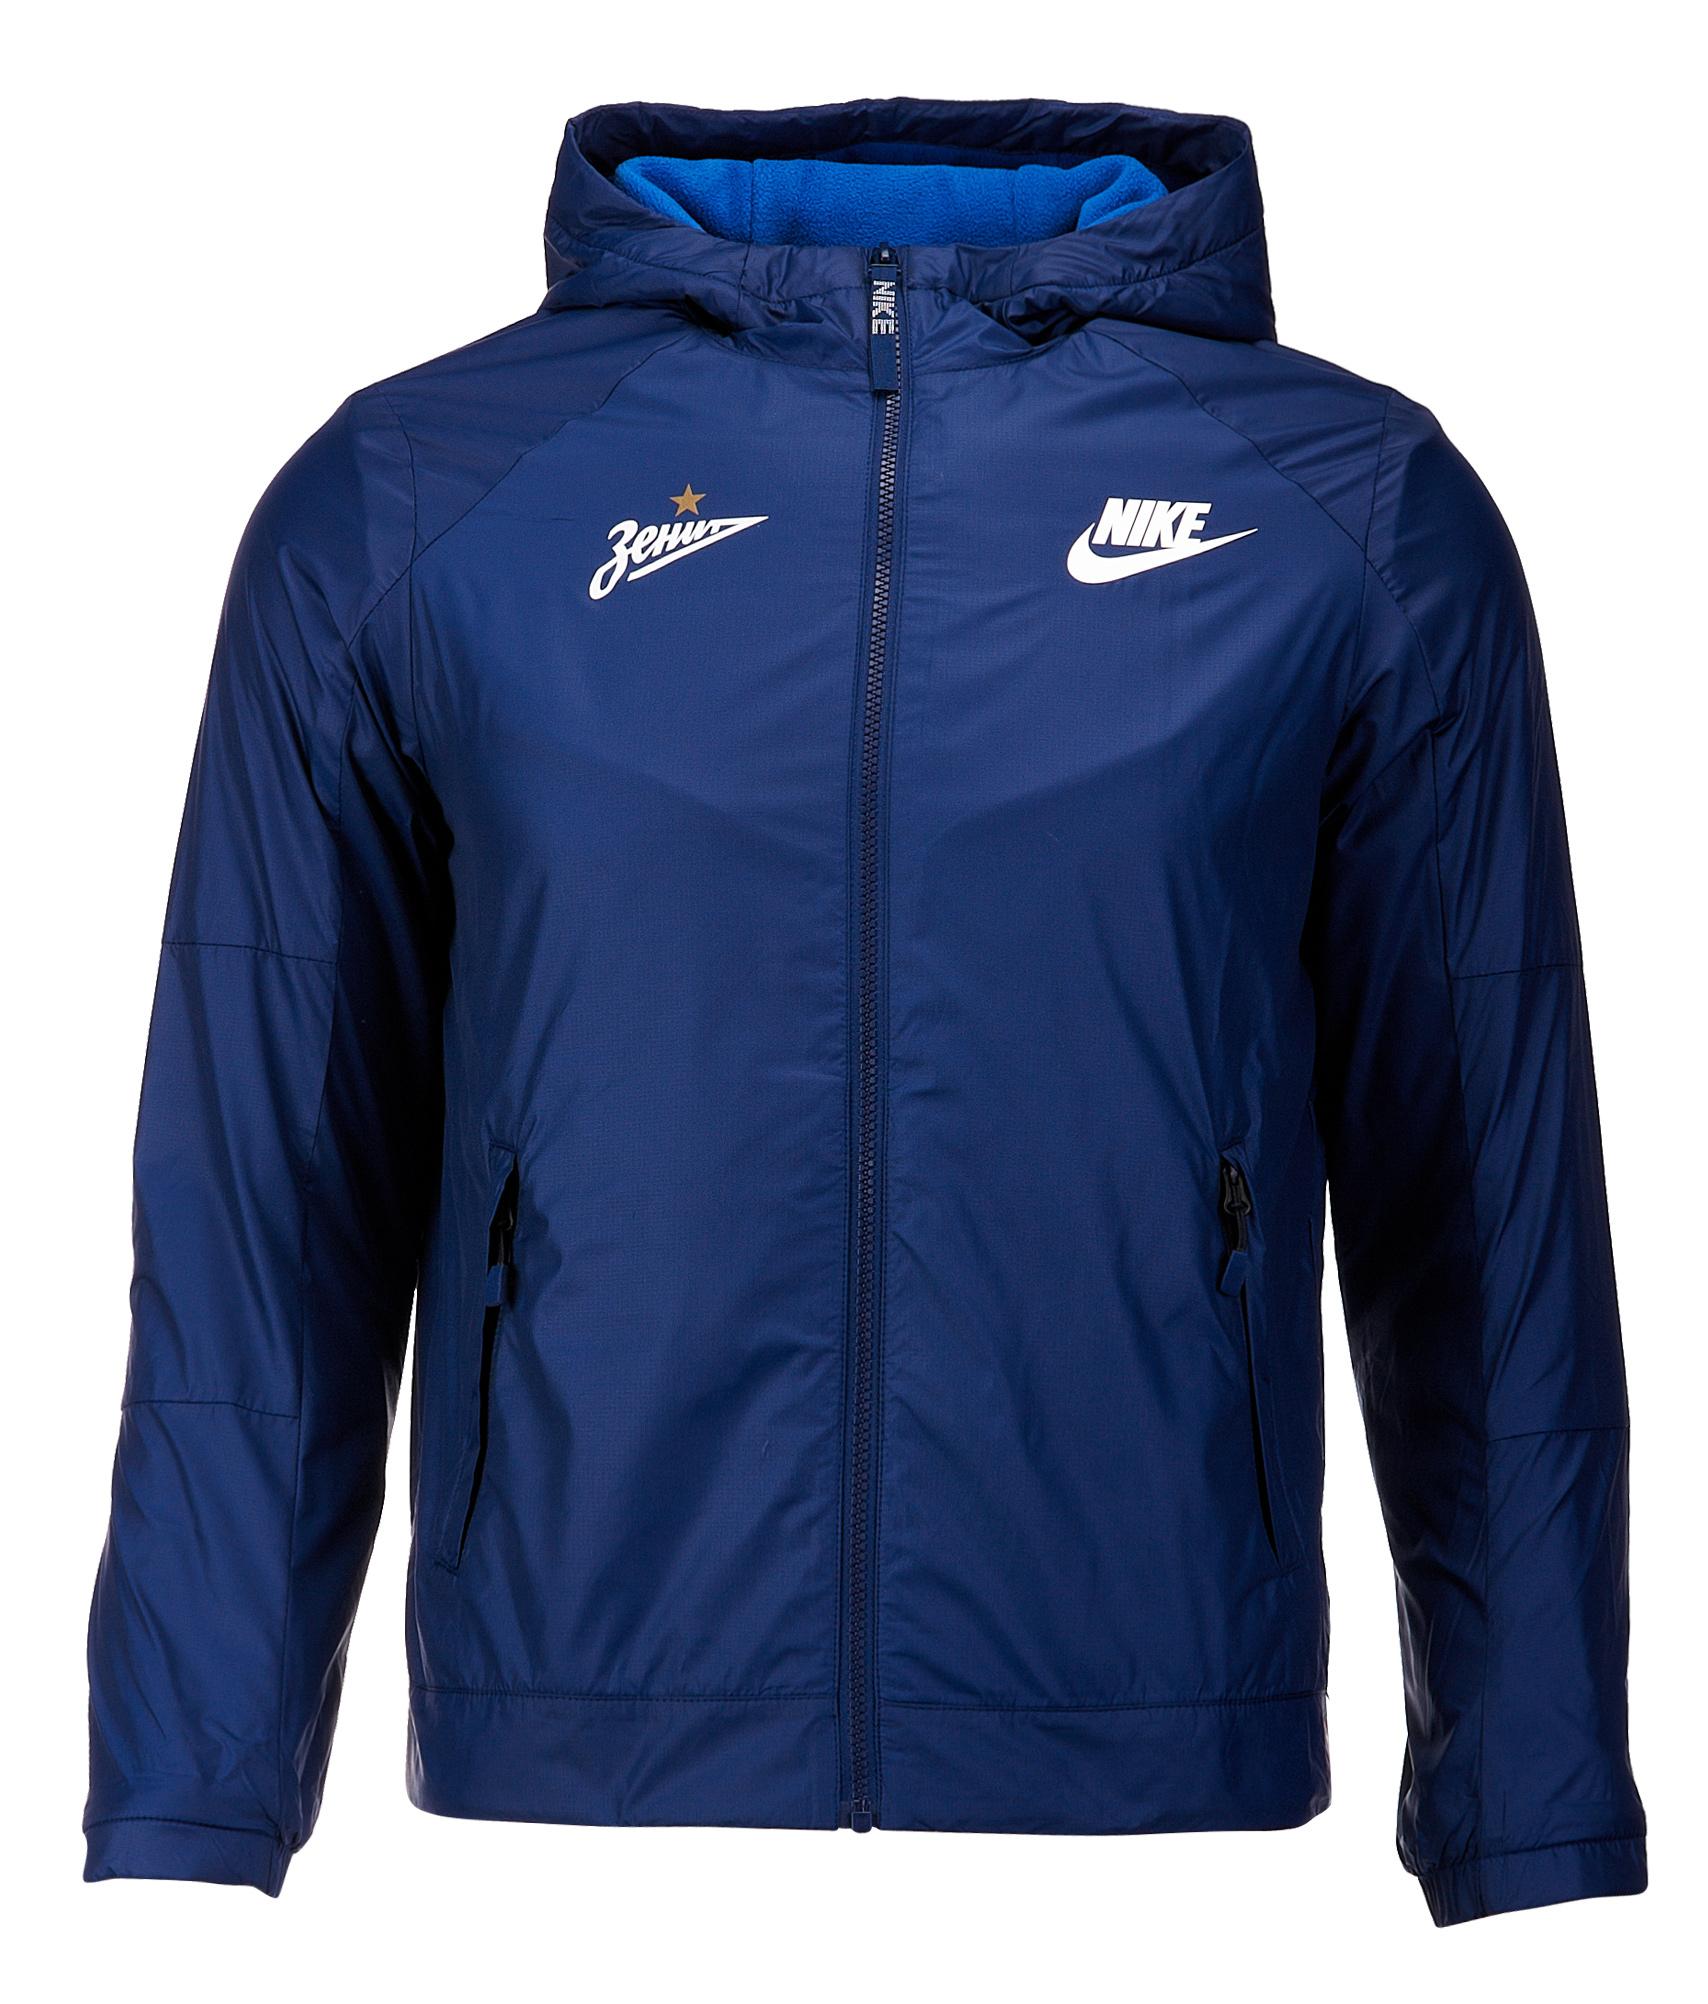 Куртка подростковая Nike Nike Цвет-Темно-Синий цена 2017